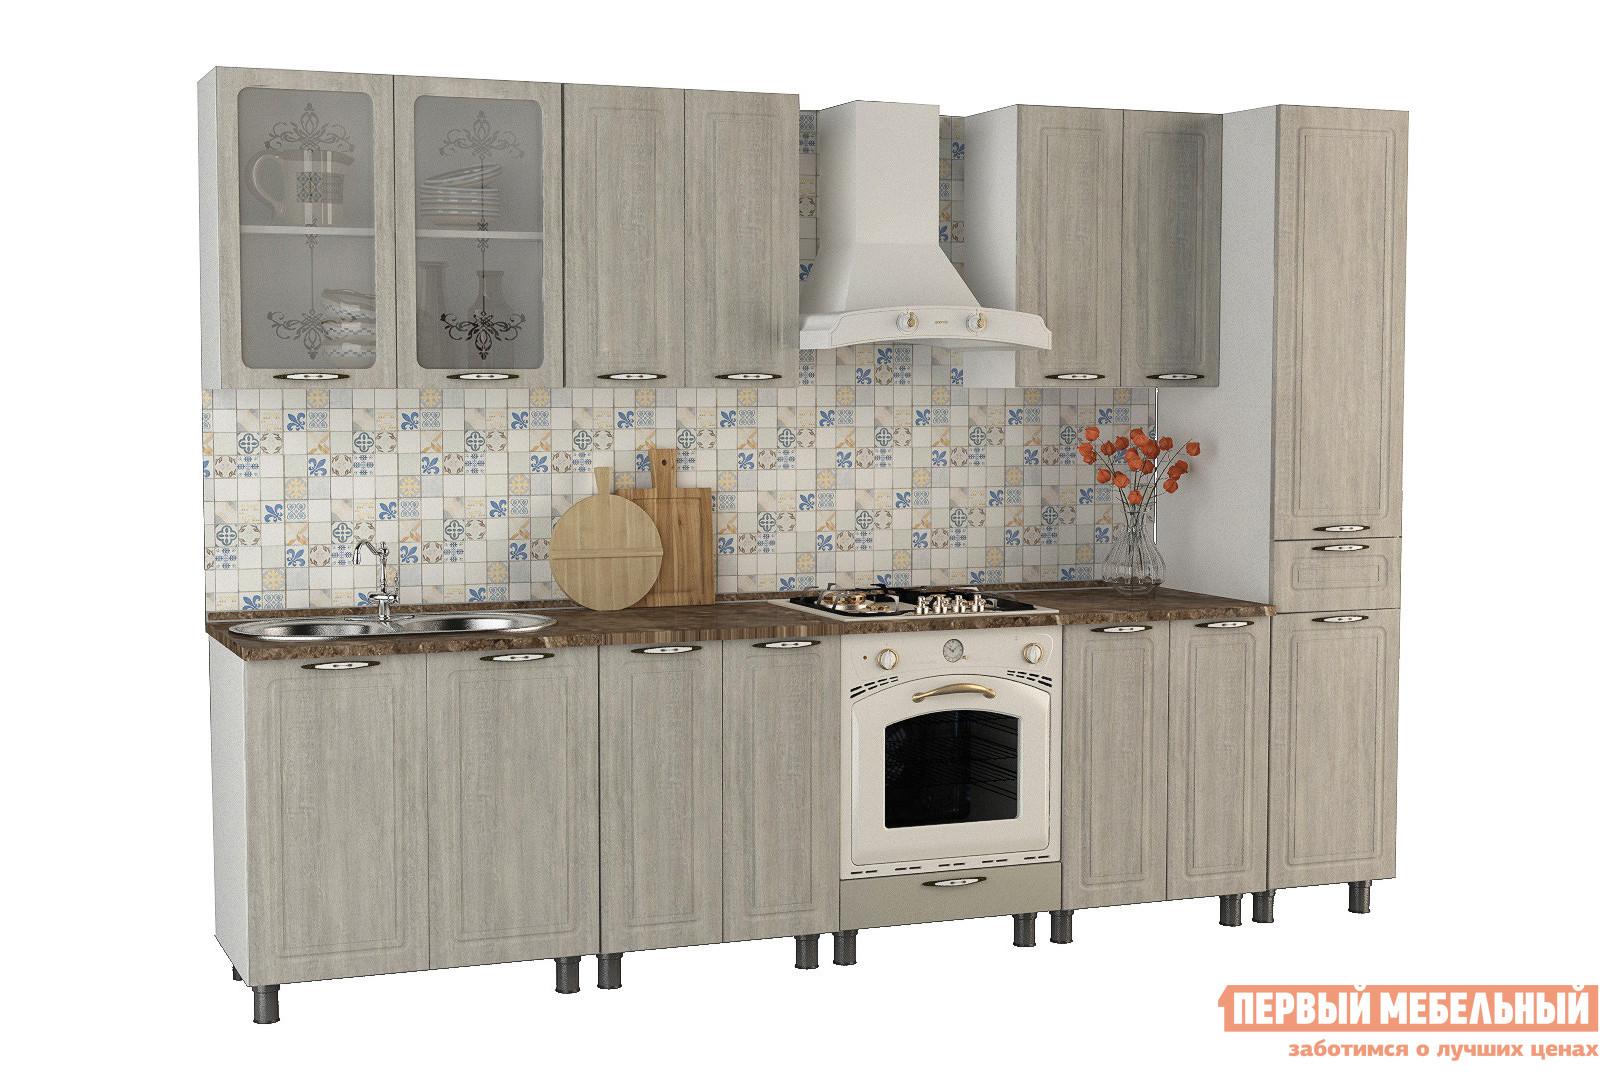 Кухонный гарнитур Первый Мебельный Прованс 3 м uwr 30690